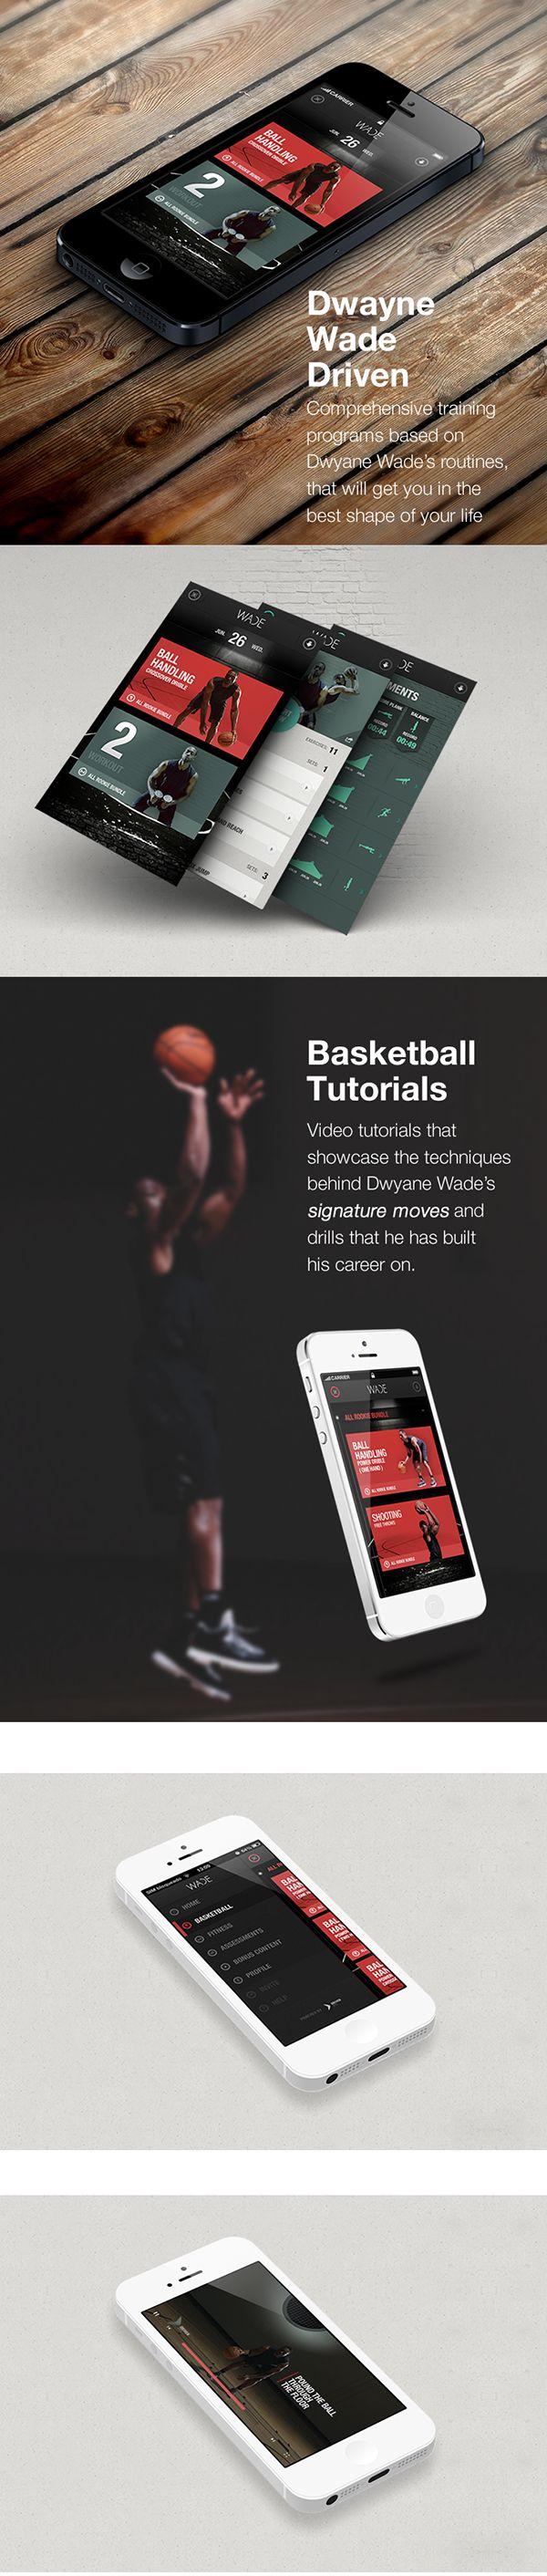 Dwyane Wade Driven on App Design Served